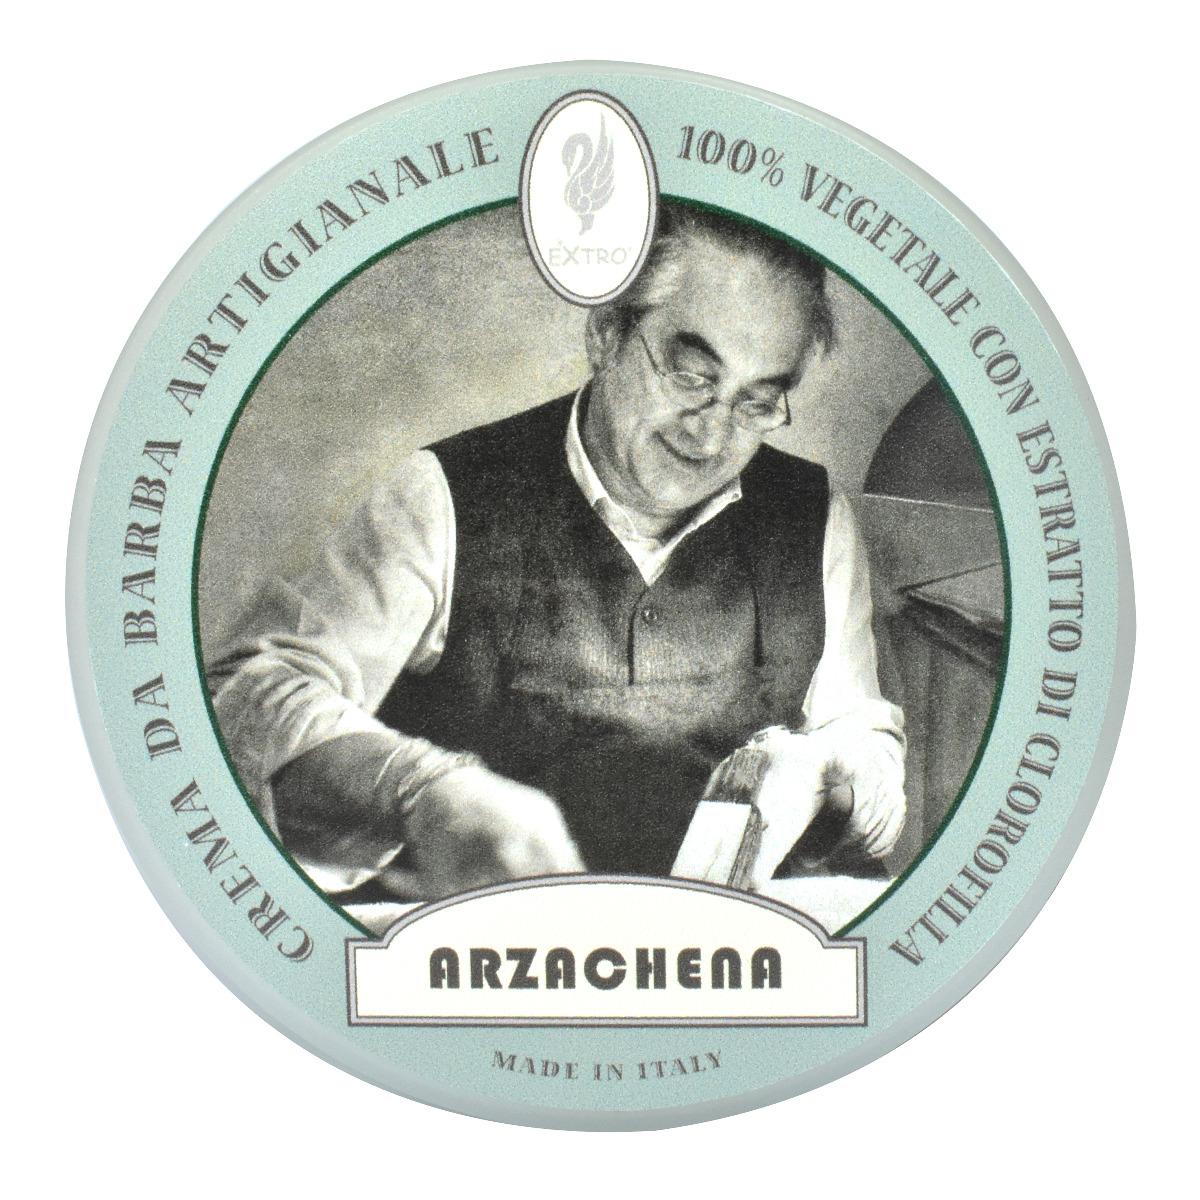 Extro Cosmesi Arzachena Shaving Soap 150ml